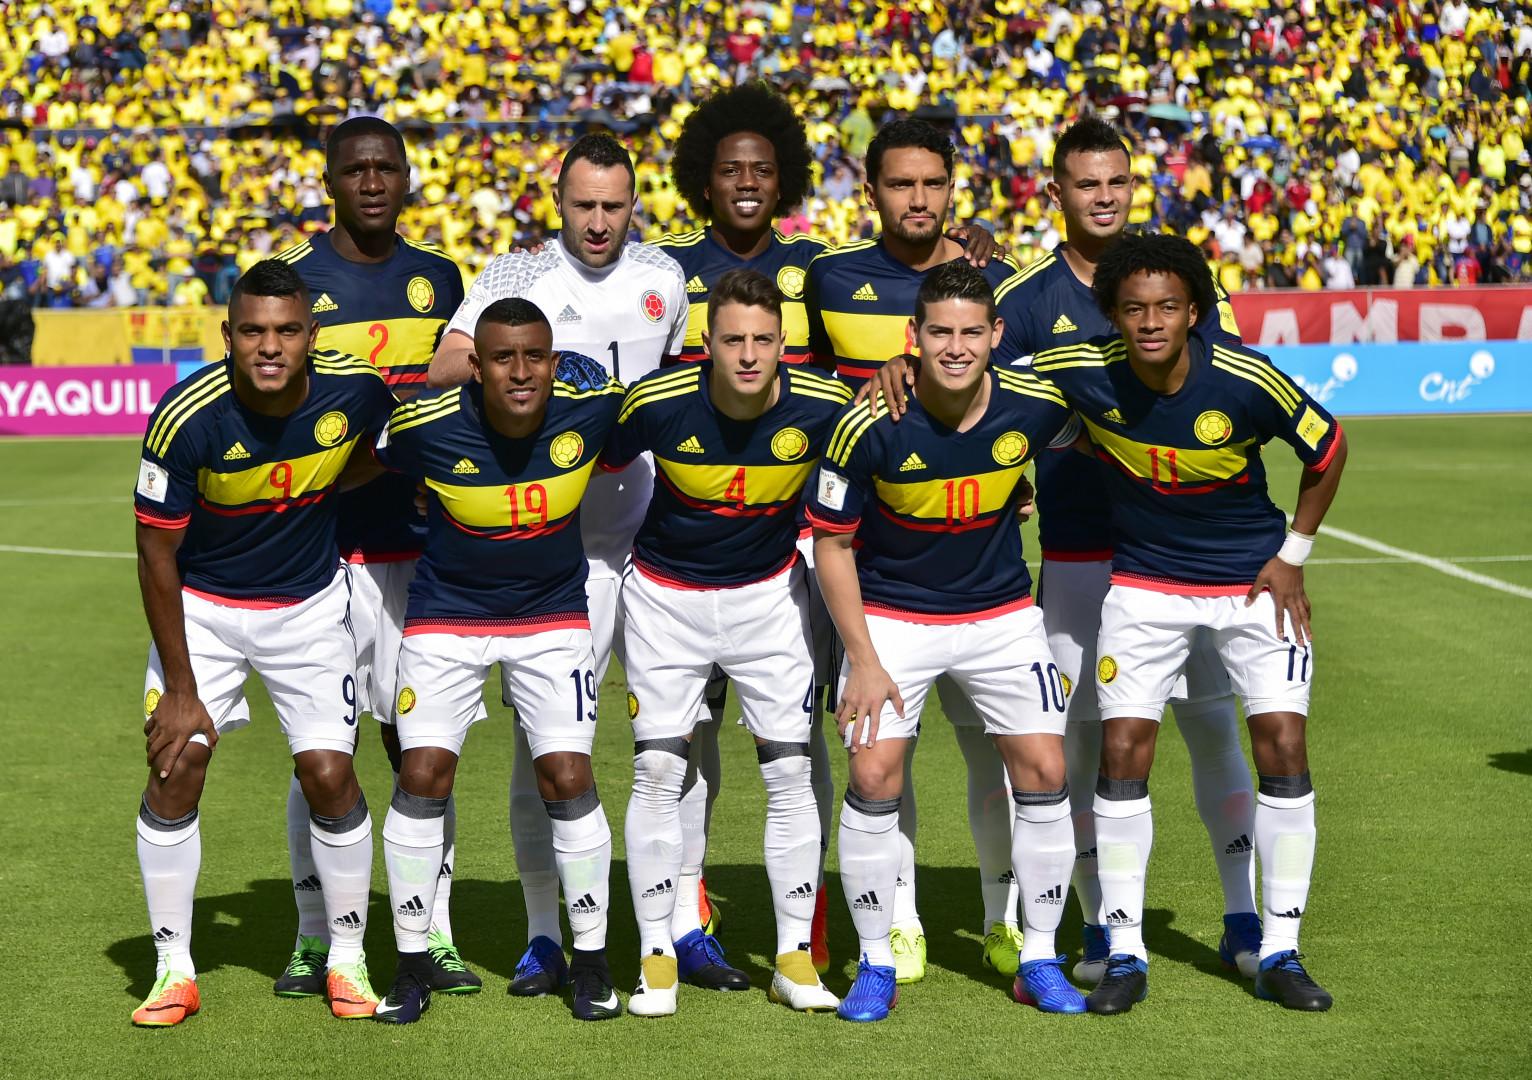 Coupe du Monde 2018 : la Colombie est dans le groupe H